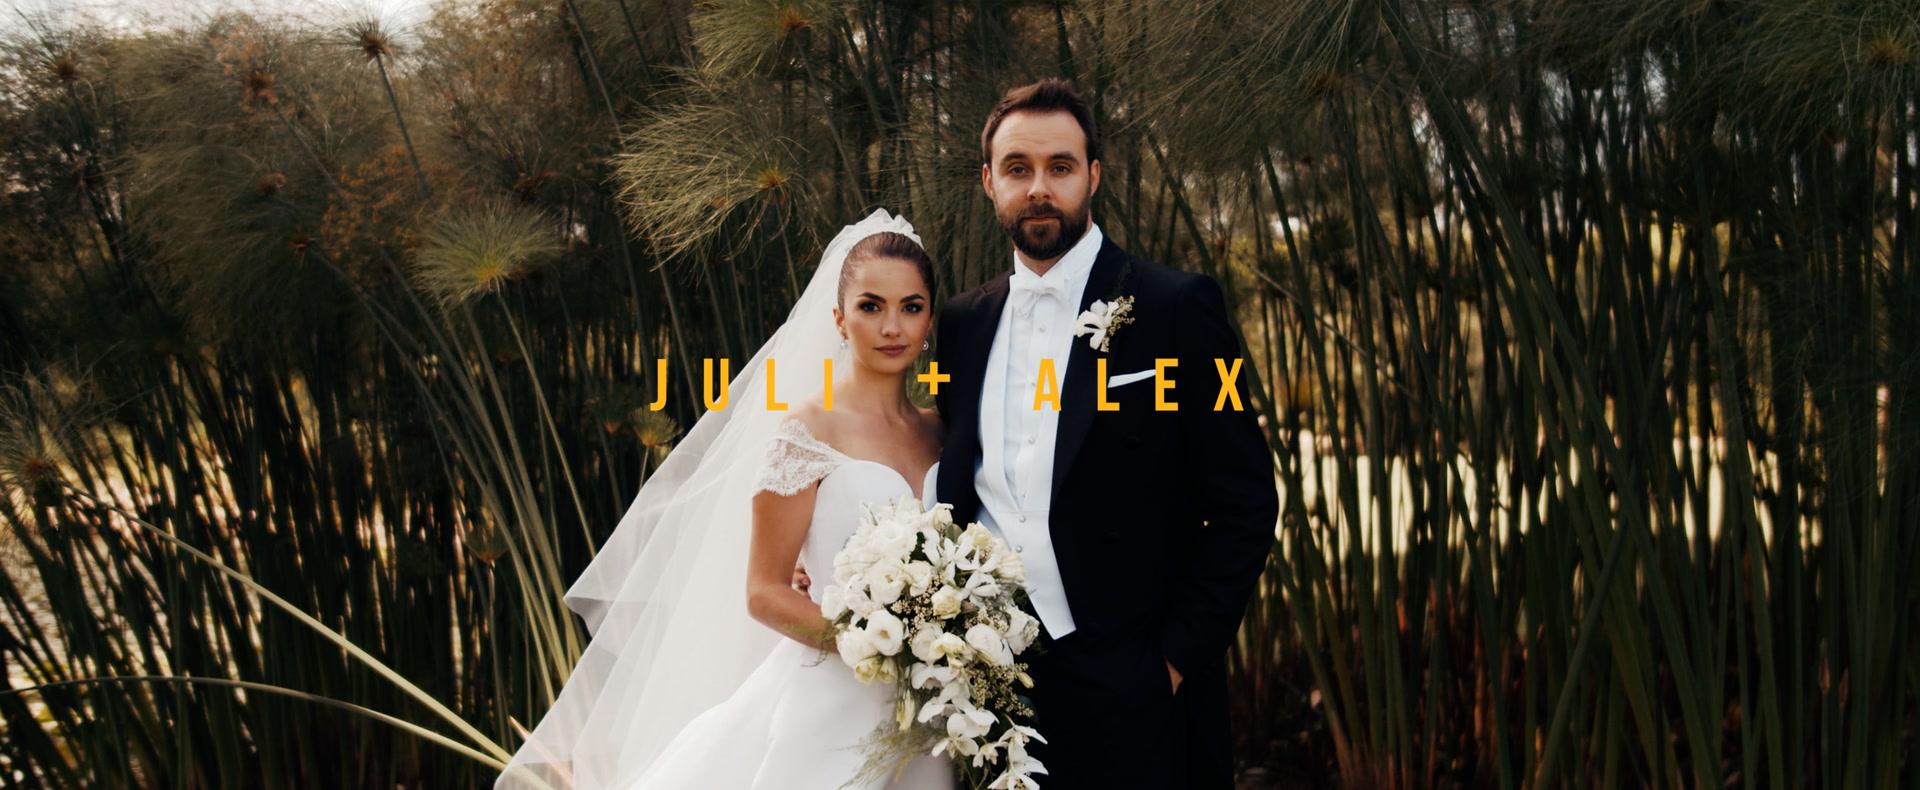 Juli + Alex | Medellin, Colombia | Santa Monica